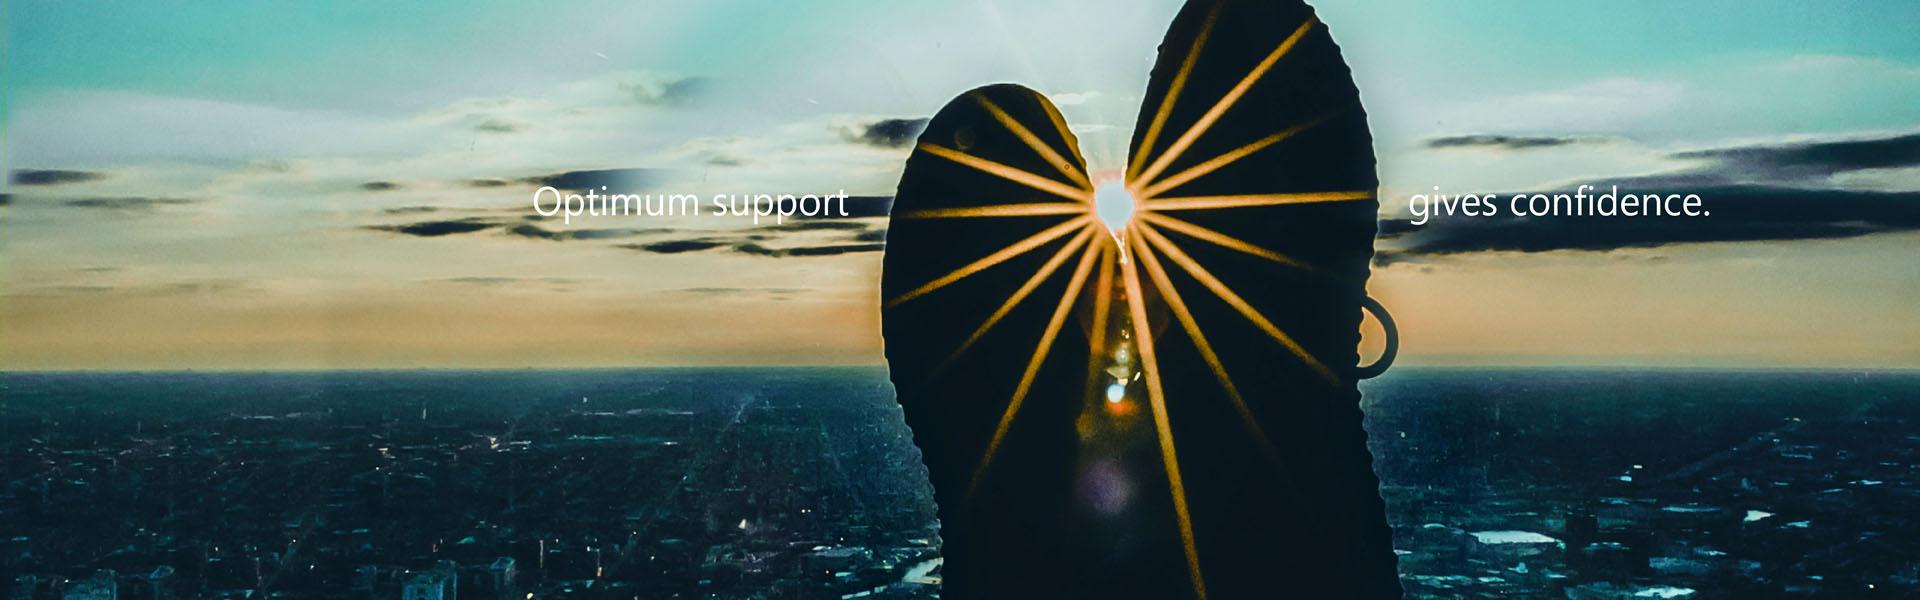 optimum-support